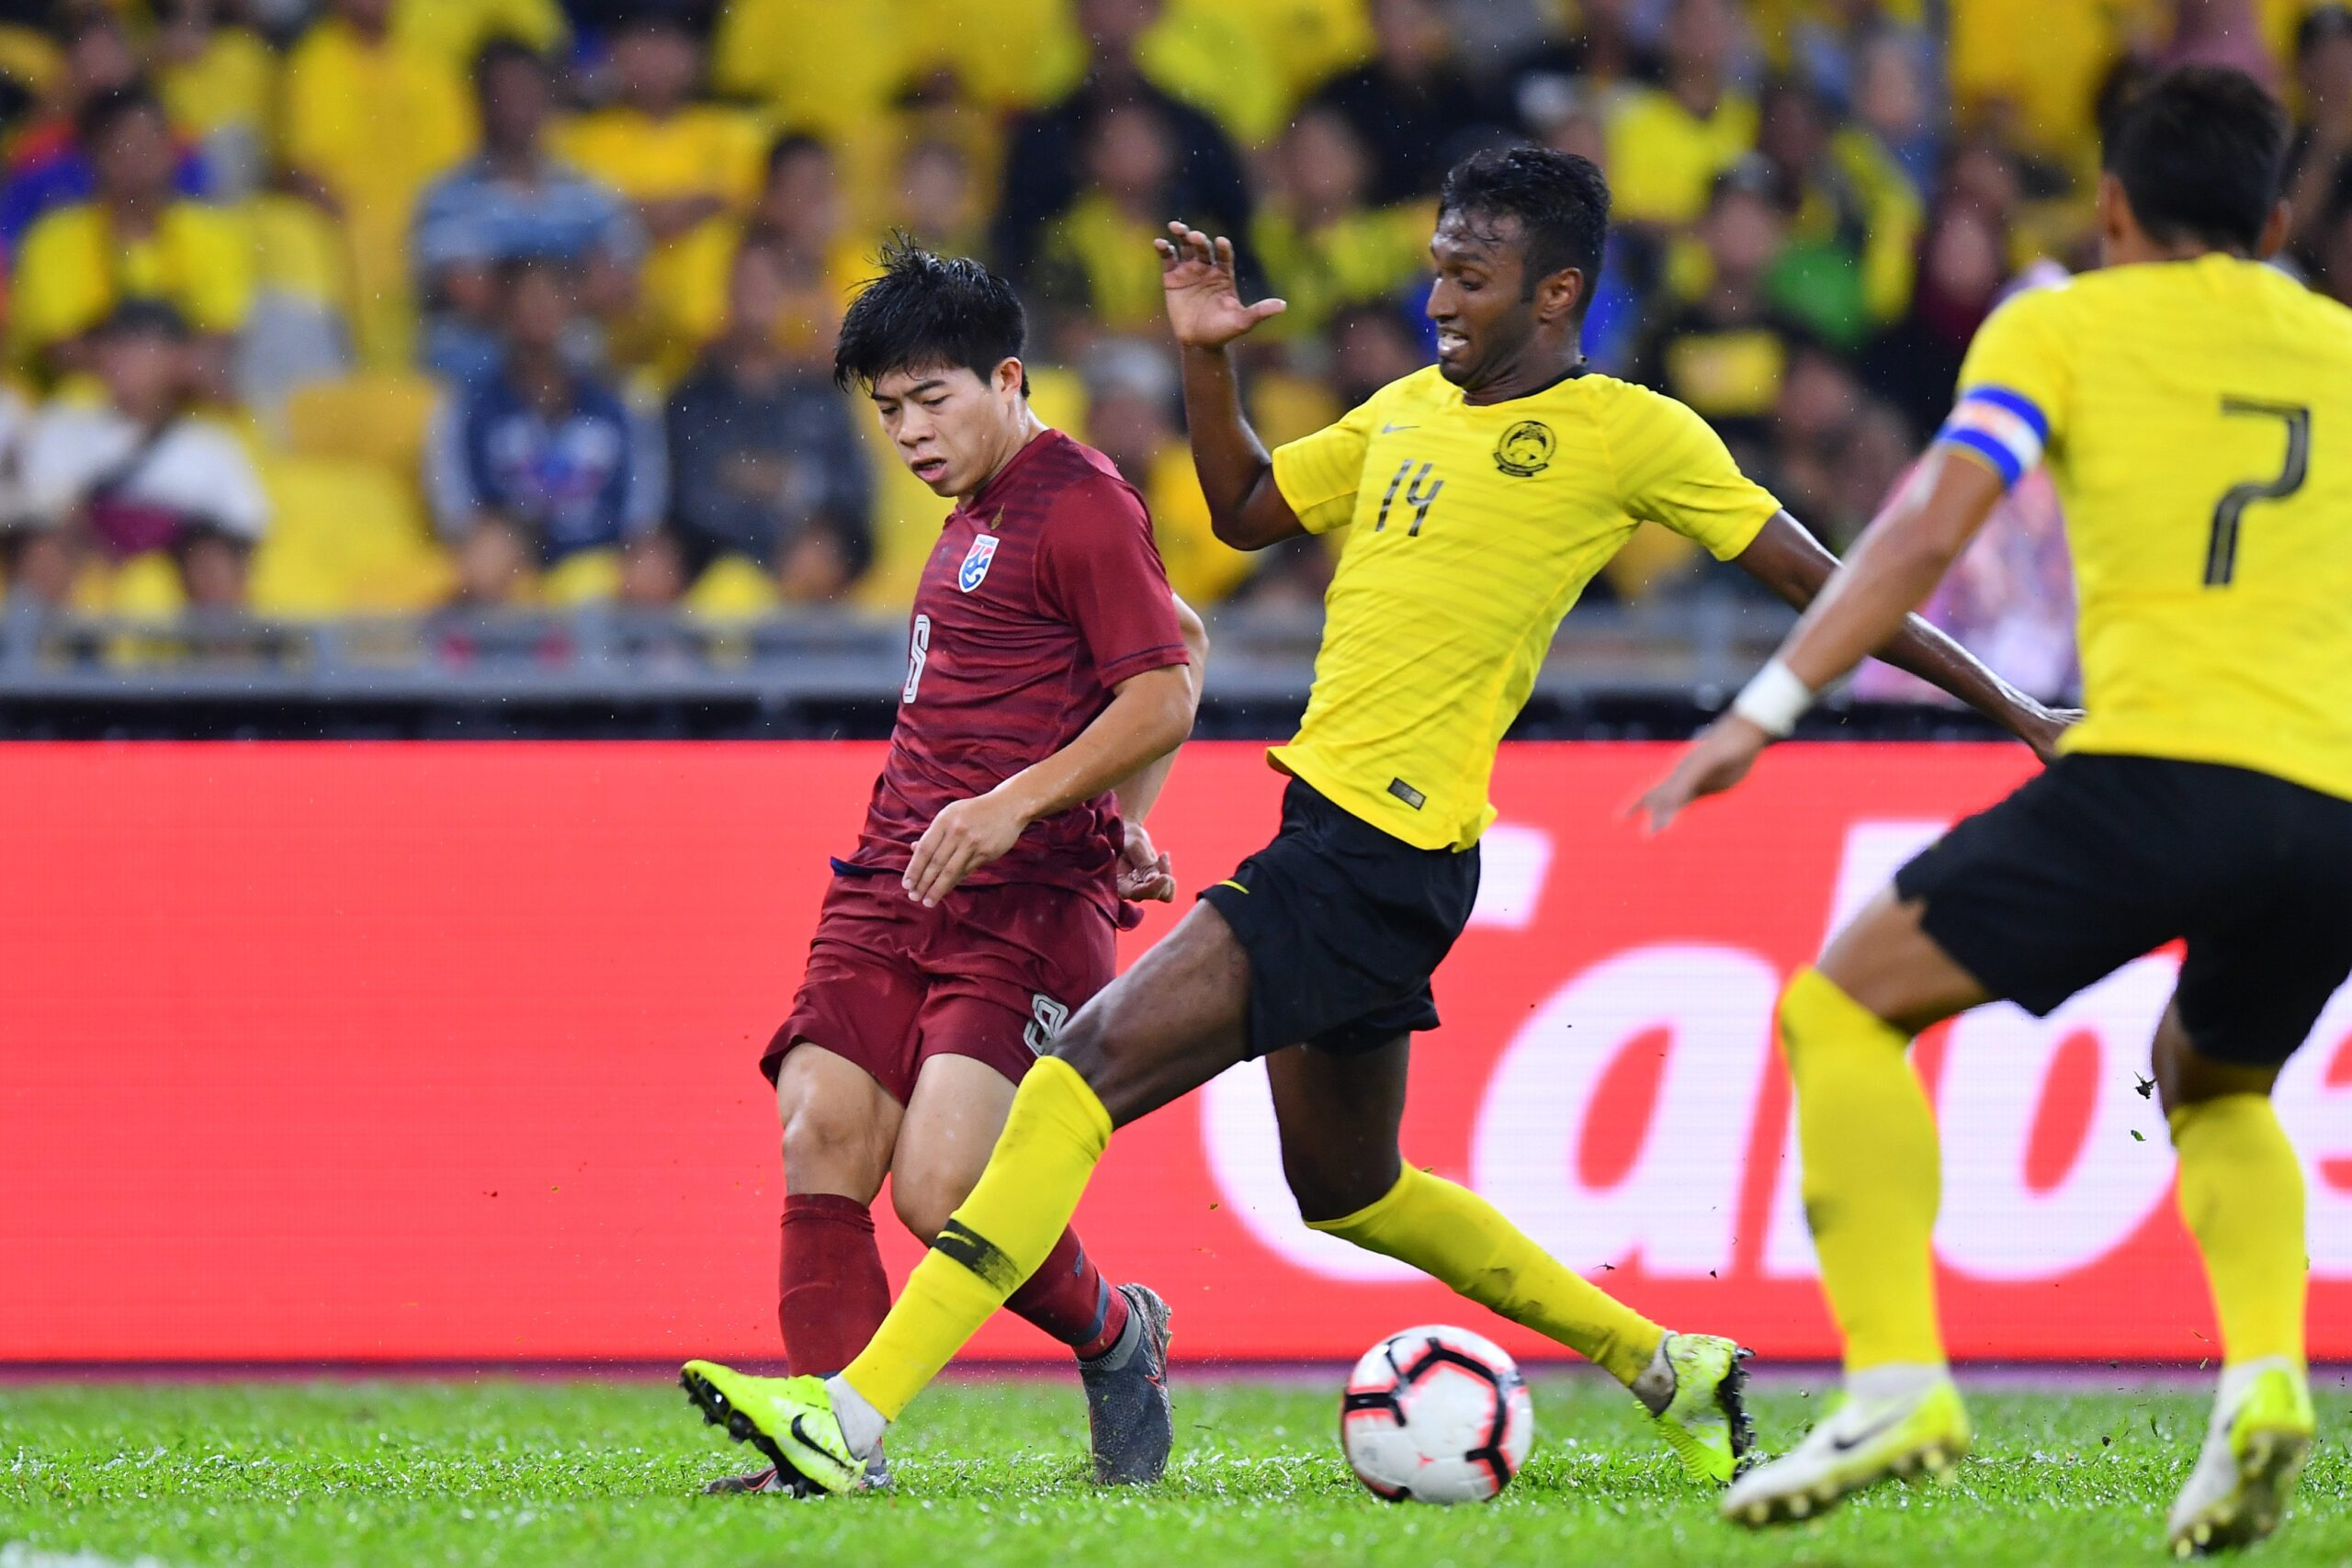 Soi kèo Thái Lan vs Malaysia, 23h45 ngày 15/6, VL World Cup 2022